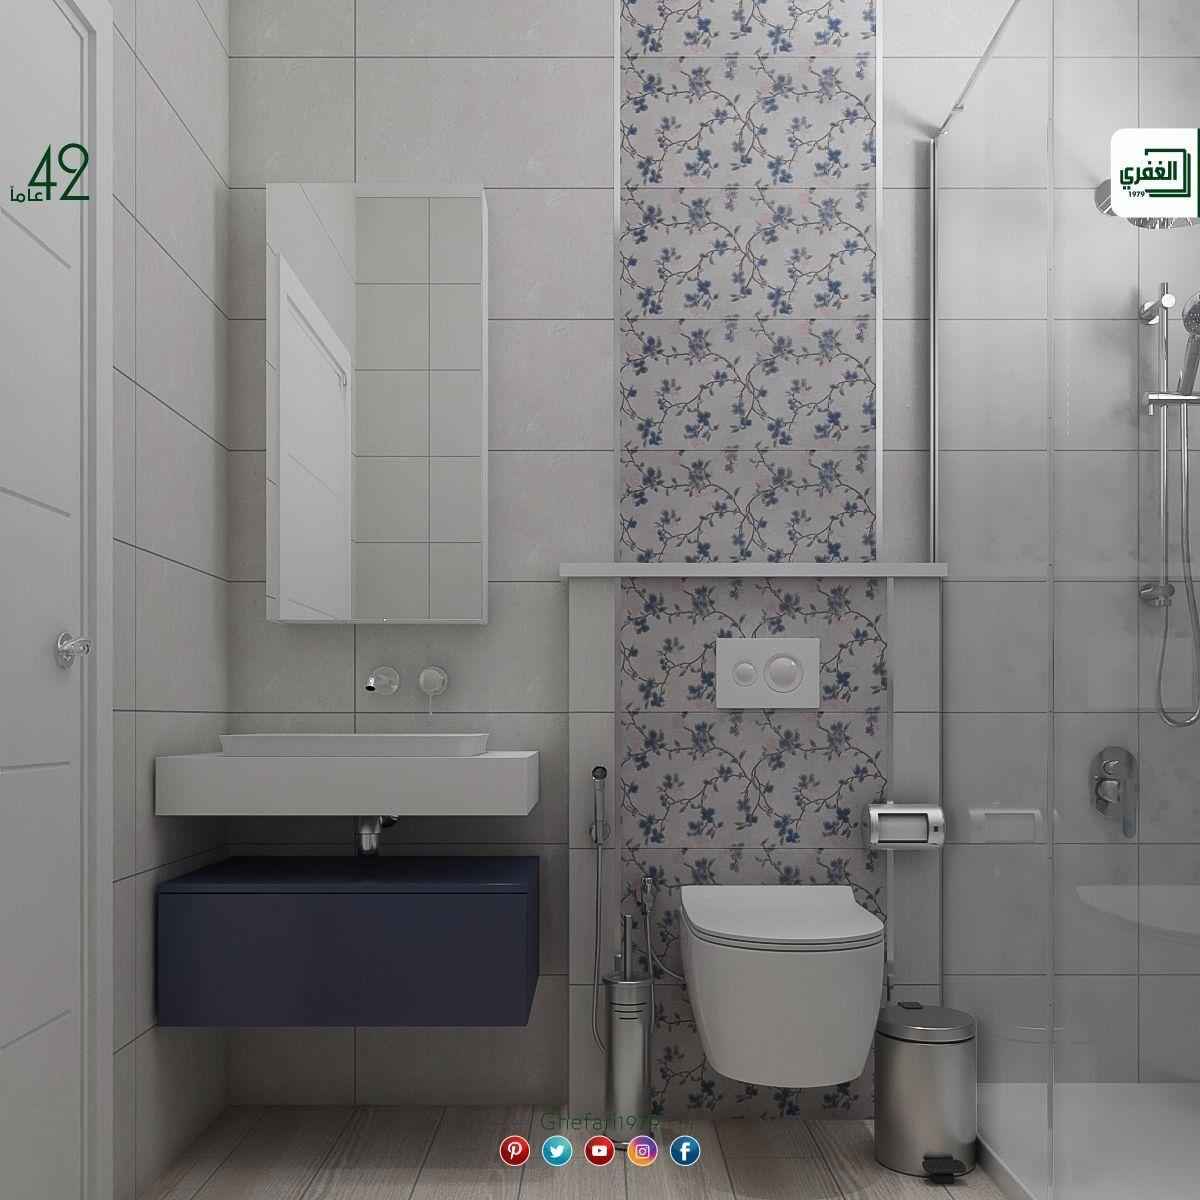 بلاط أسباني من شركة Pamesa Ceramica للاستخدام داخل الحمامات المطابخ اماكن اخرى للمزيد زورونا على موقع الشركة Https Www Ghefari Com Ar Grac In 2021 Bathroom Toilet